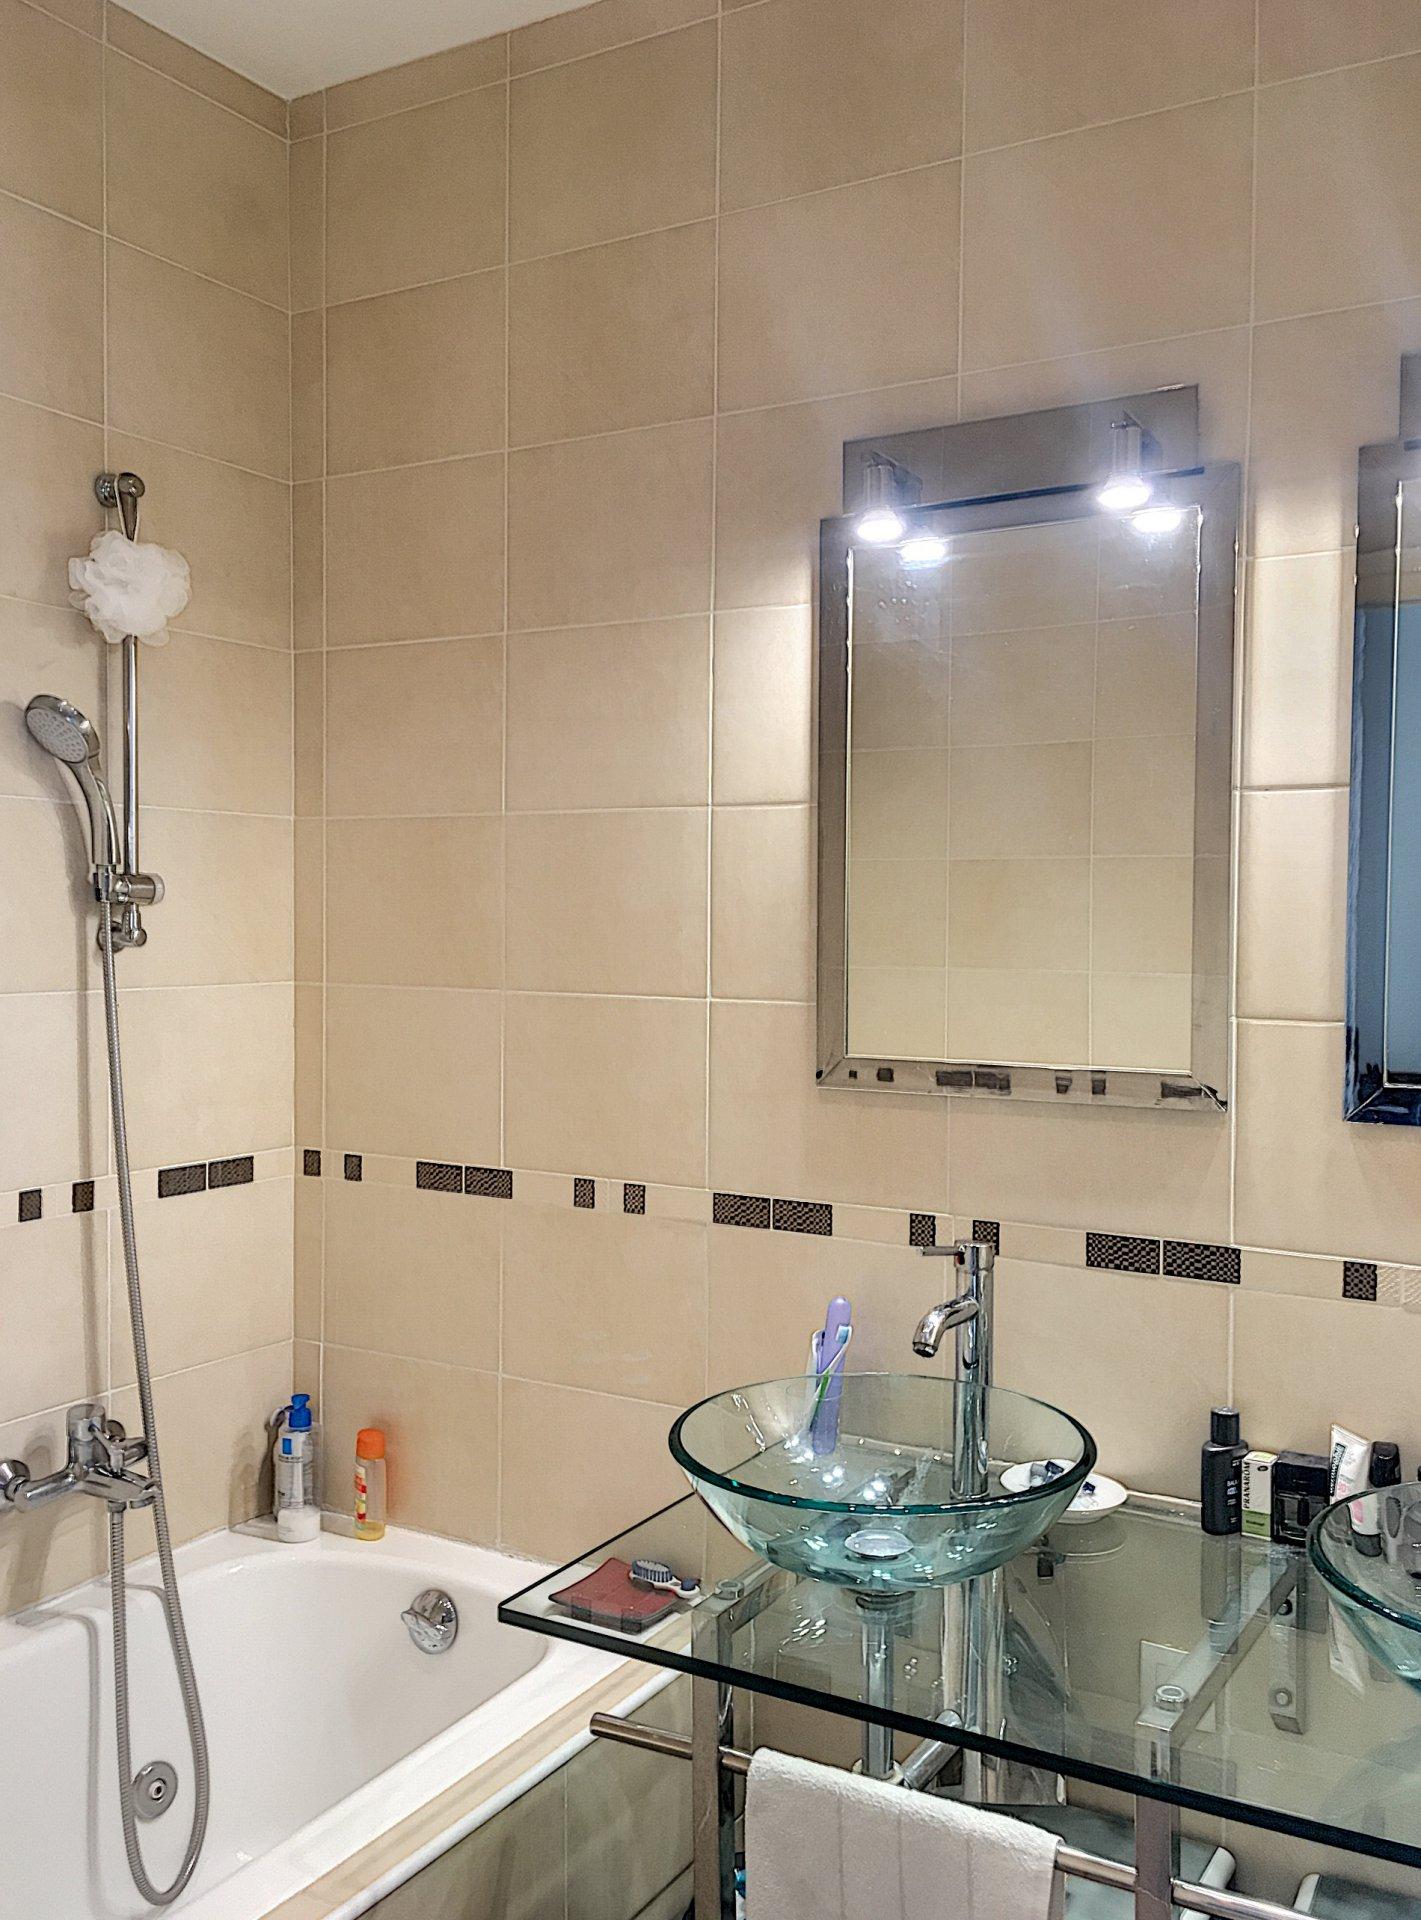 VENCE (06140) - Appartement -2 chambres - 3/4 pièces